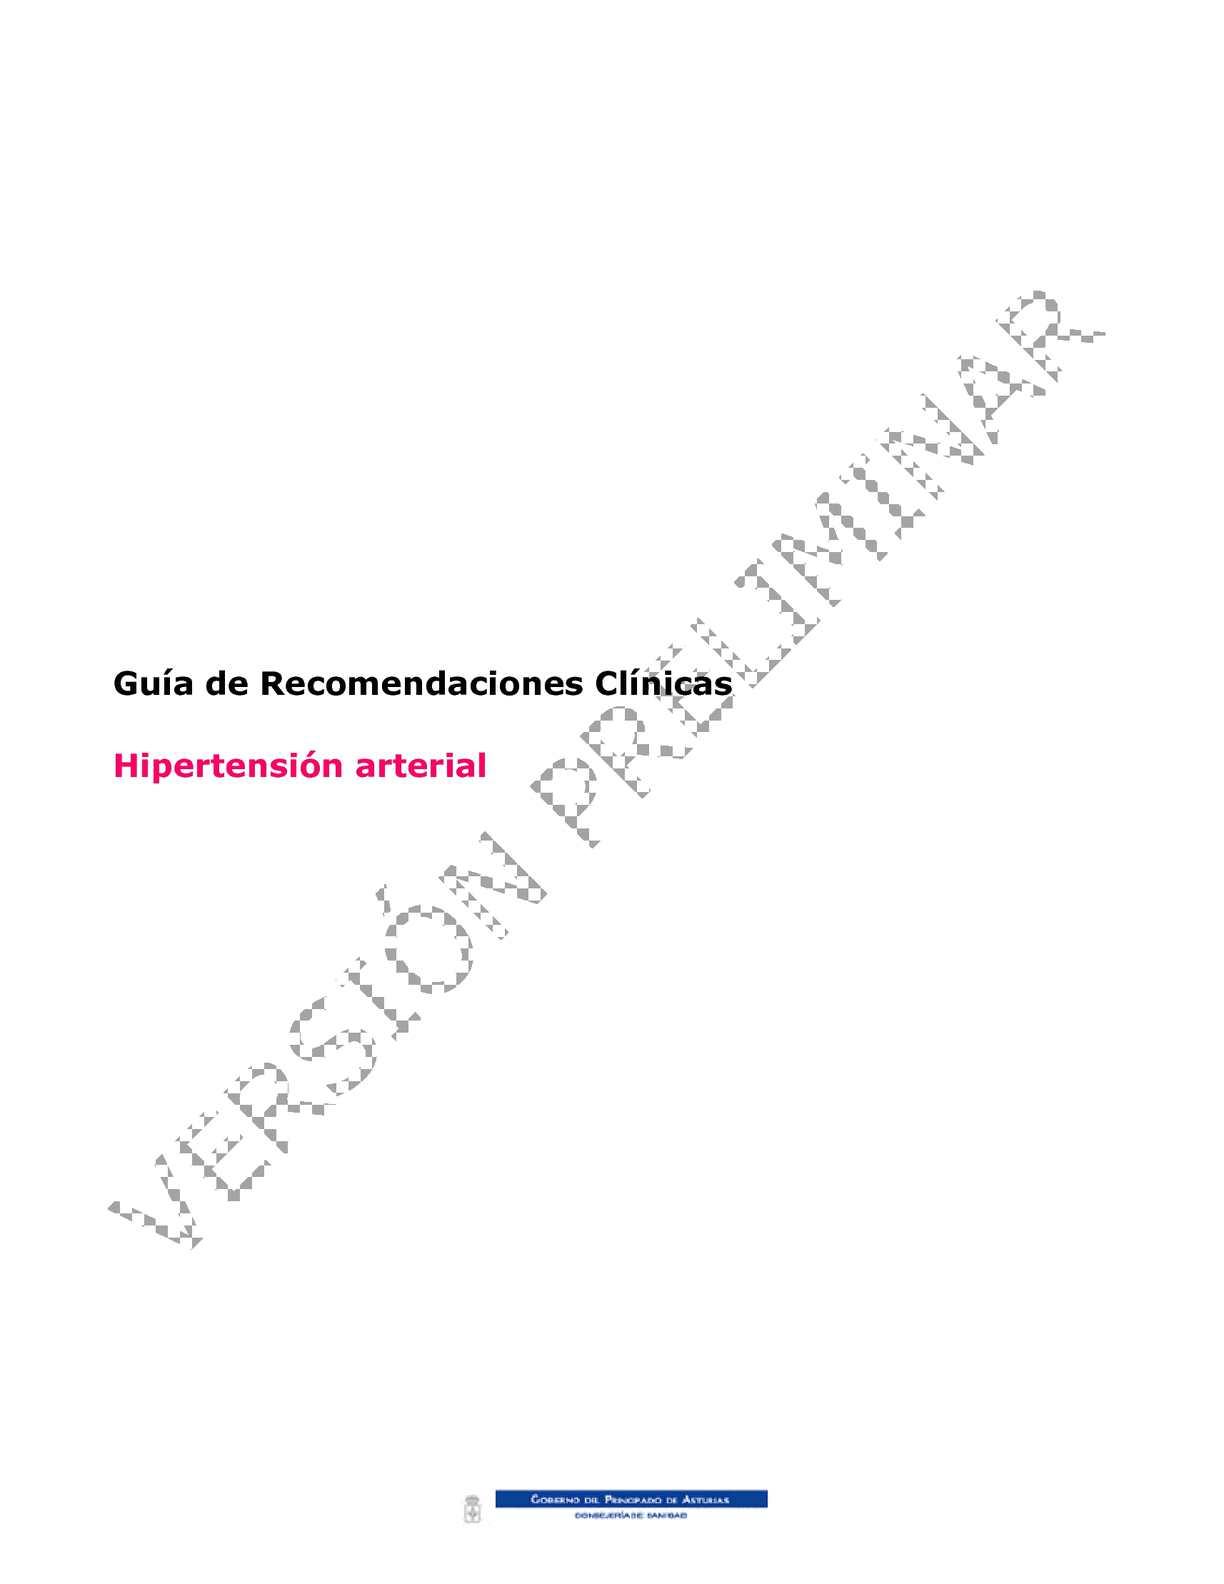 Disminución de las pautas de hipertensión gfr